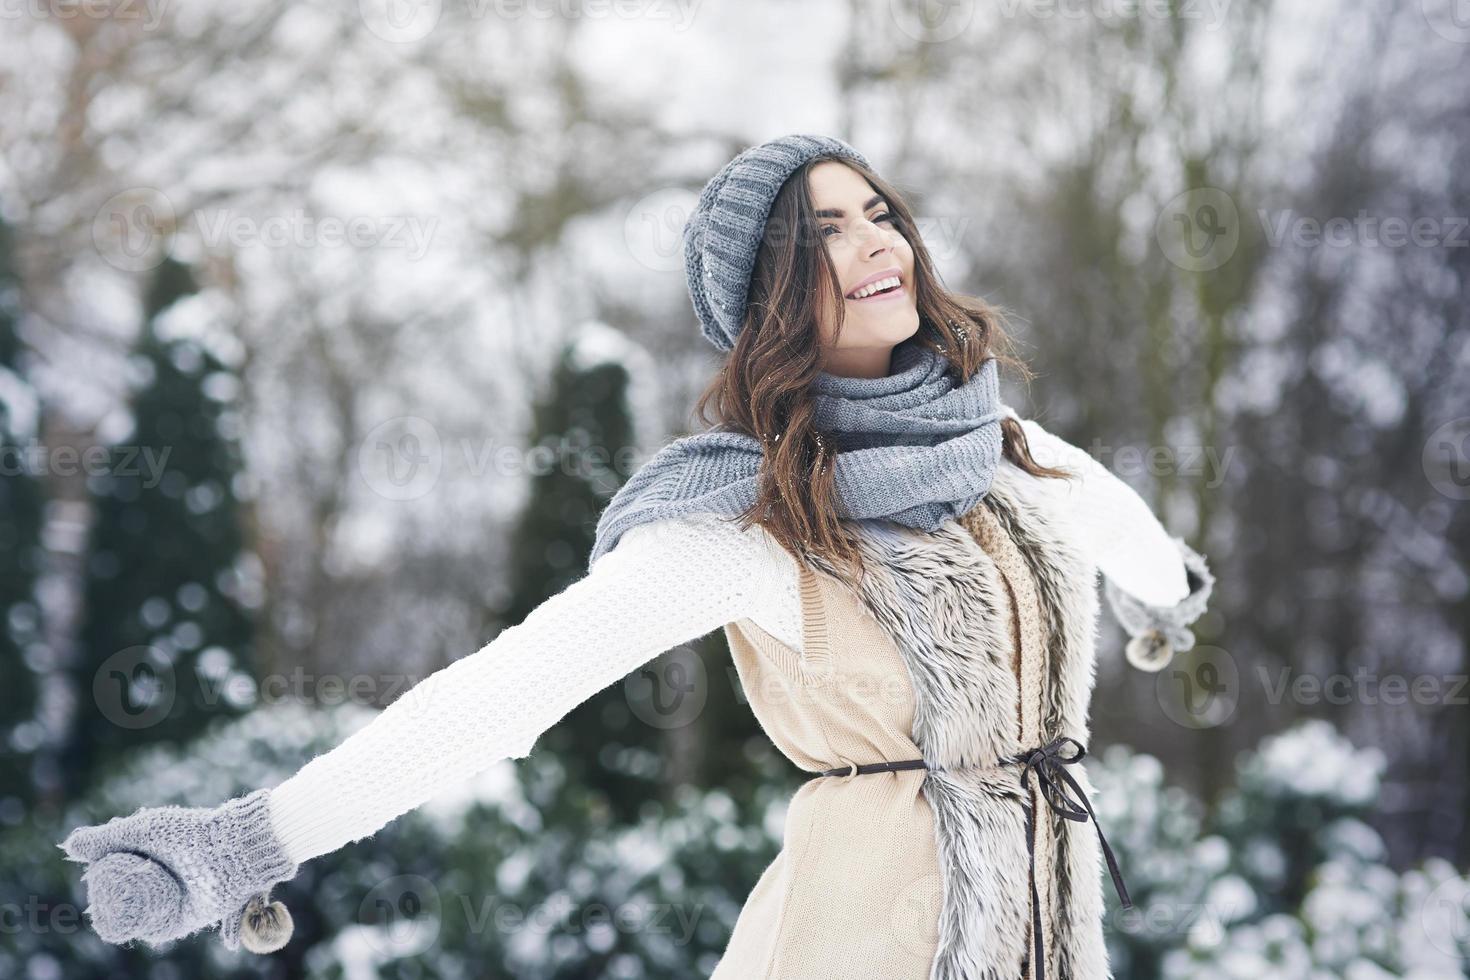 jonge vrouw genieten van verse natuur in de winter foto